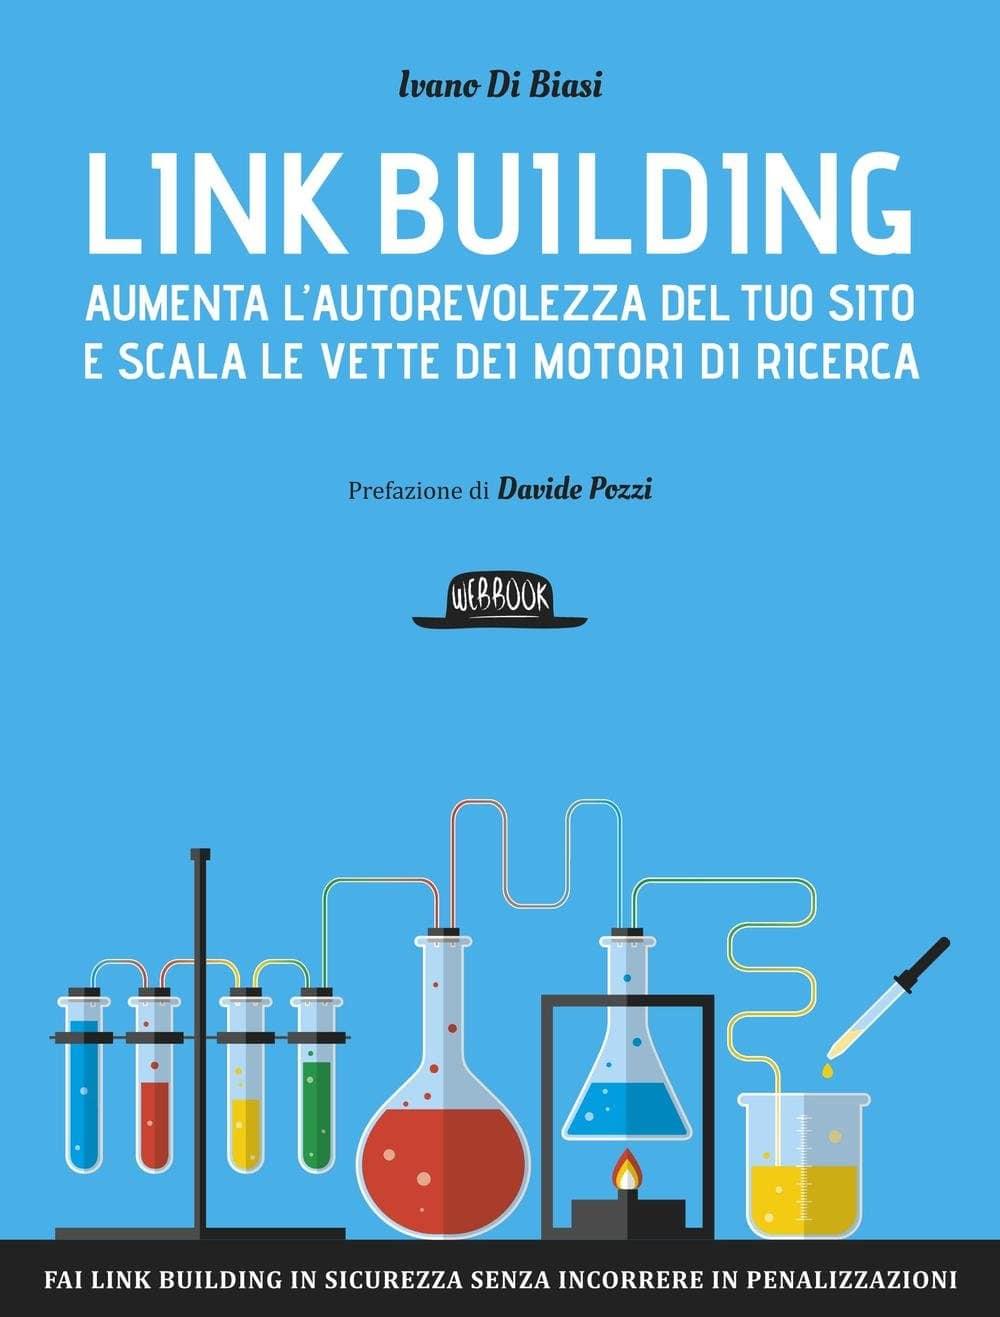 Link Building di Ivano di Biasi